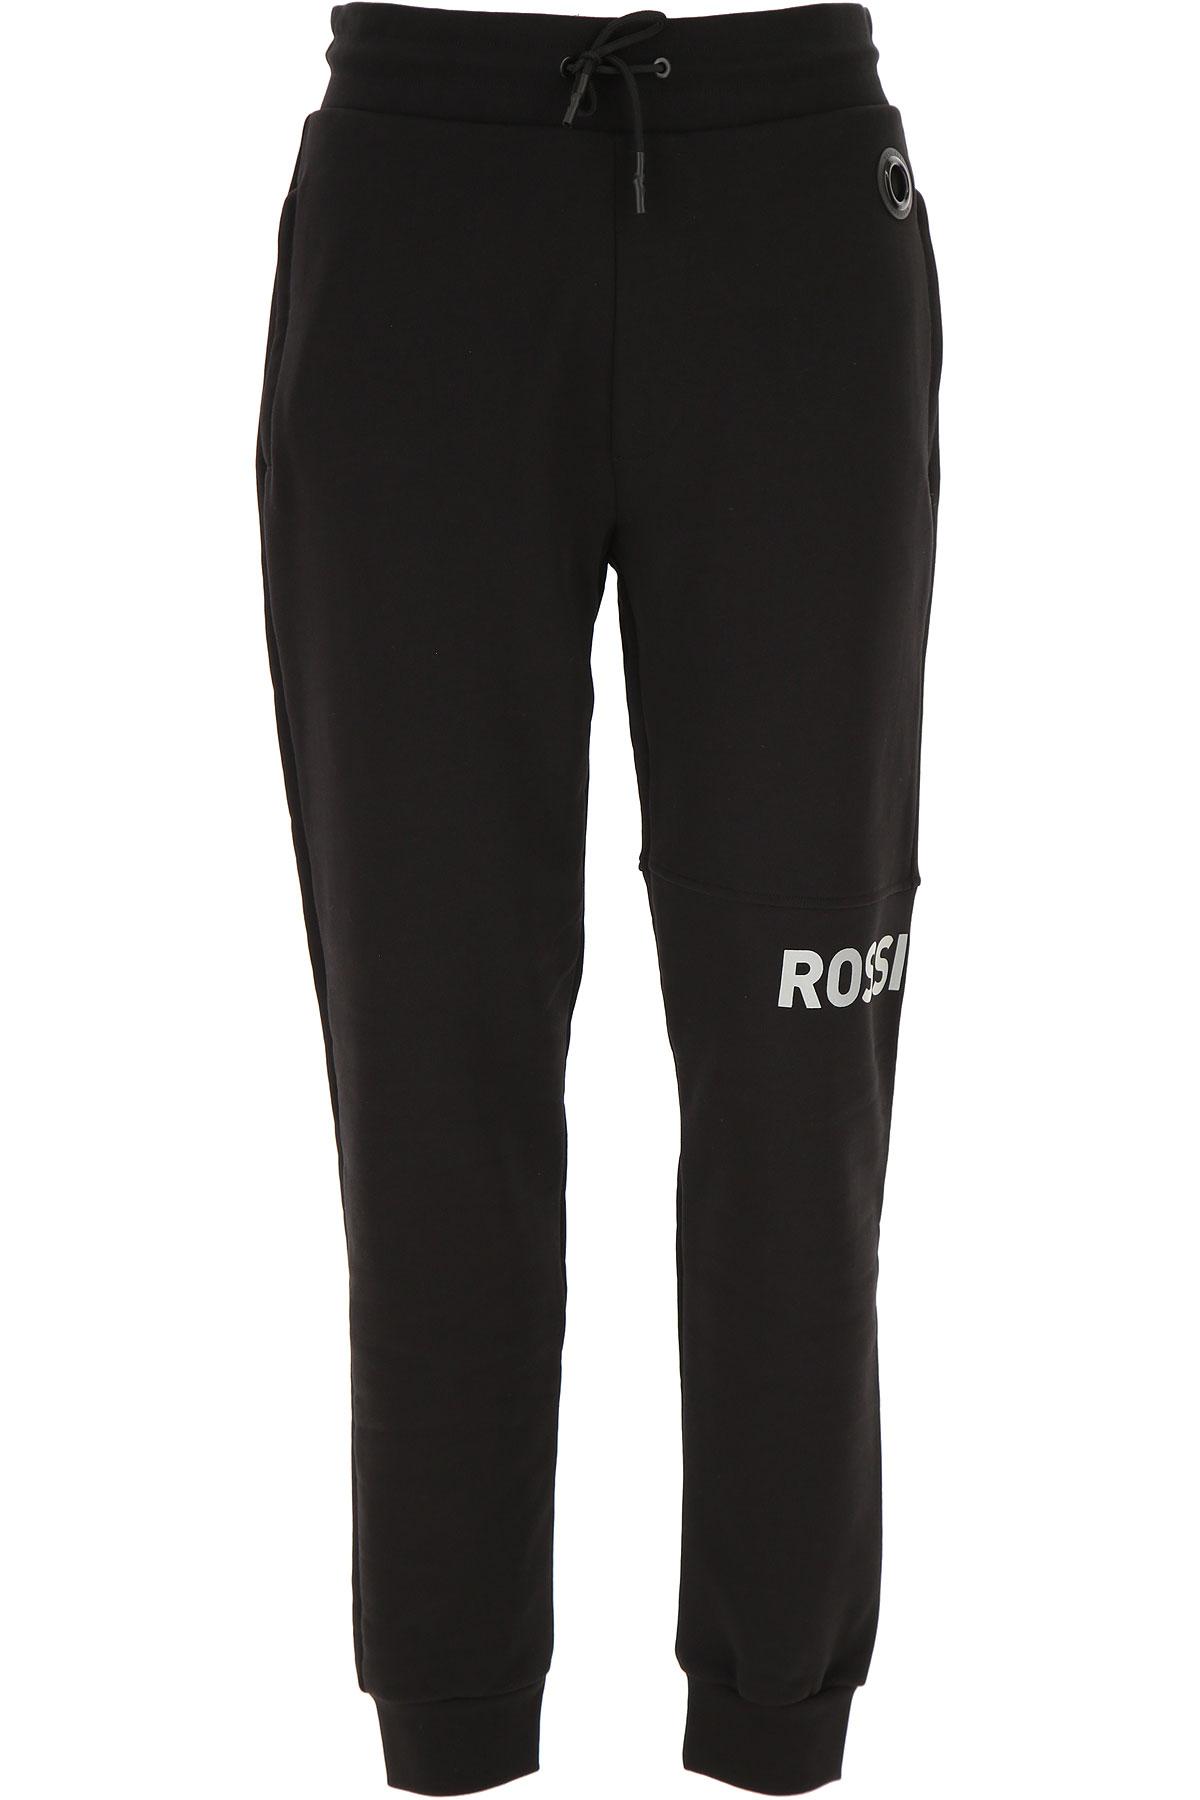 Rossignol Sweatpants On Sale, Black, Cotton, 2019, L M S